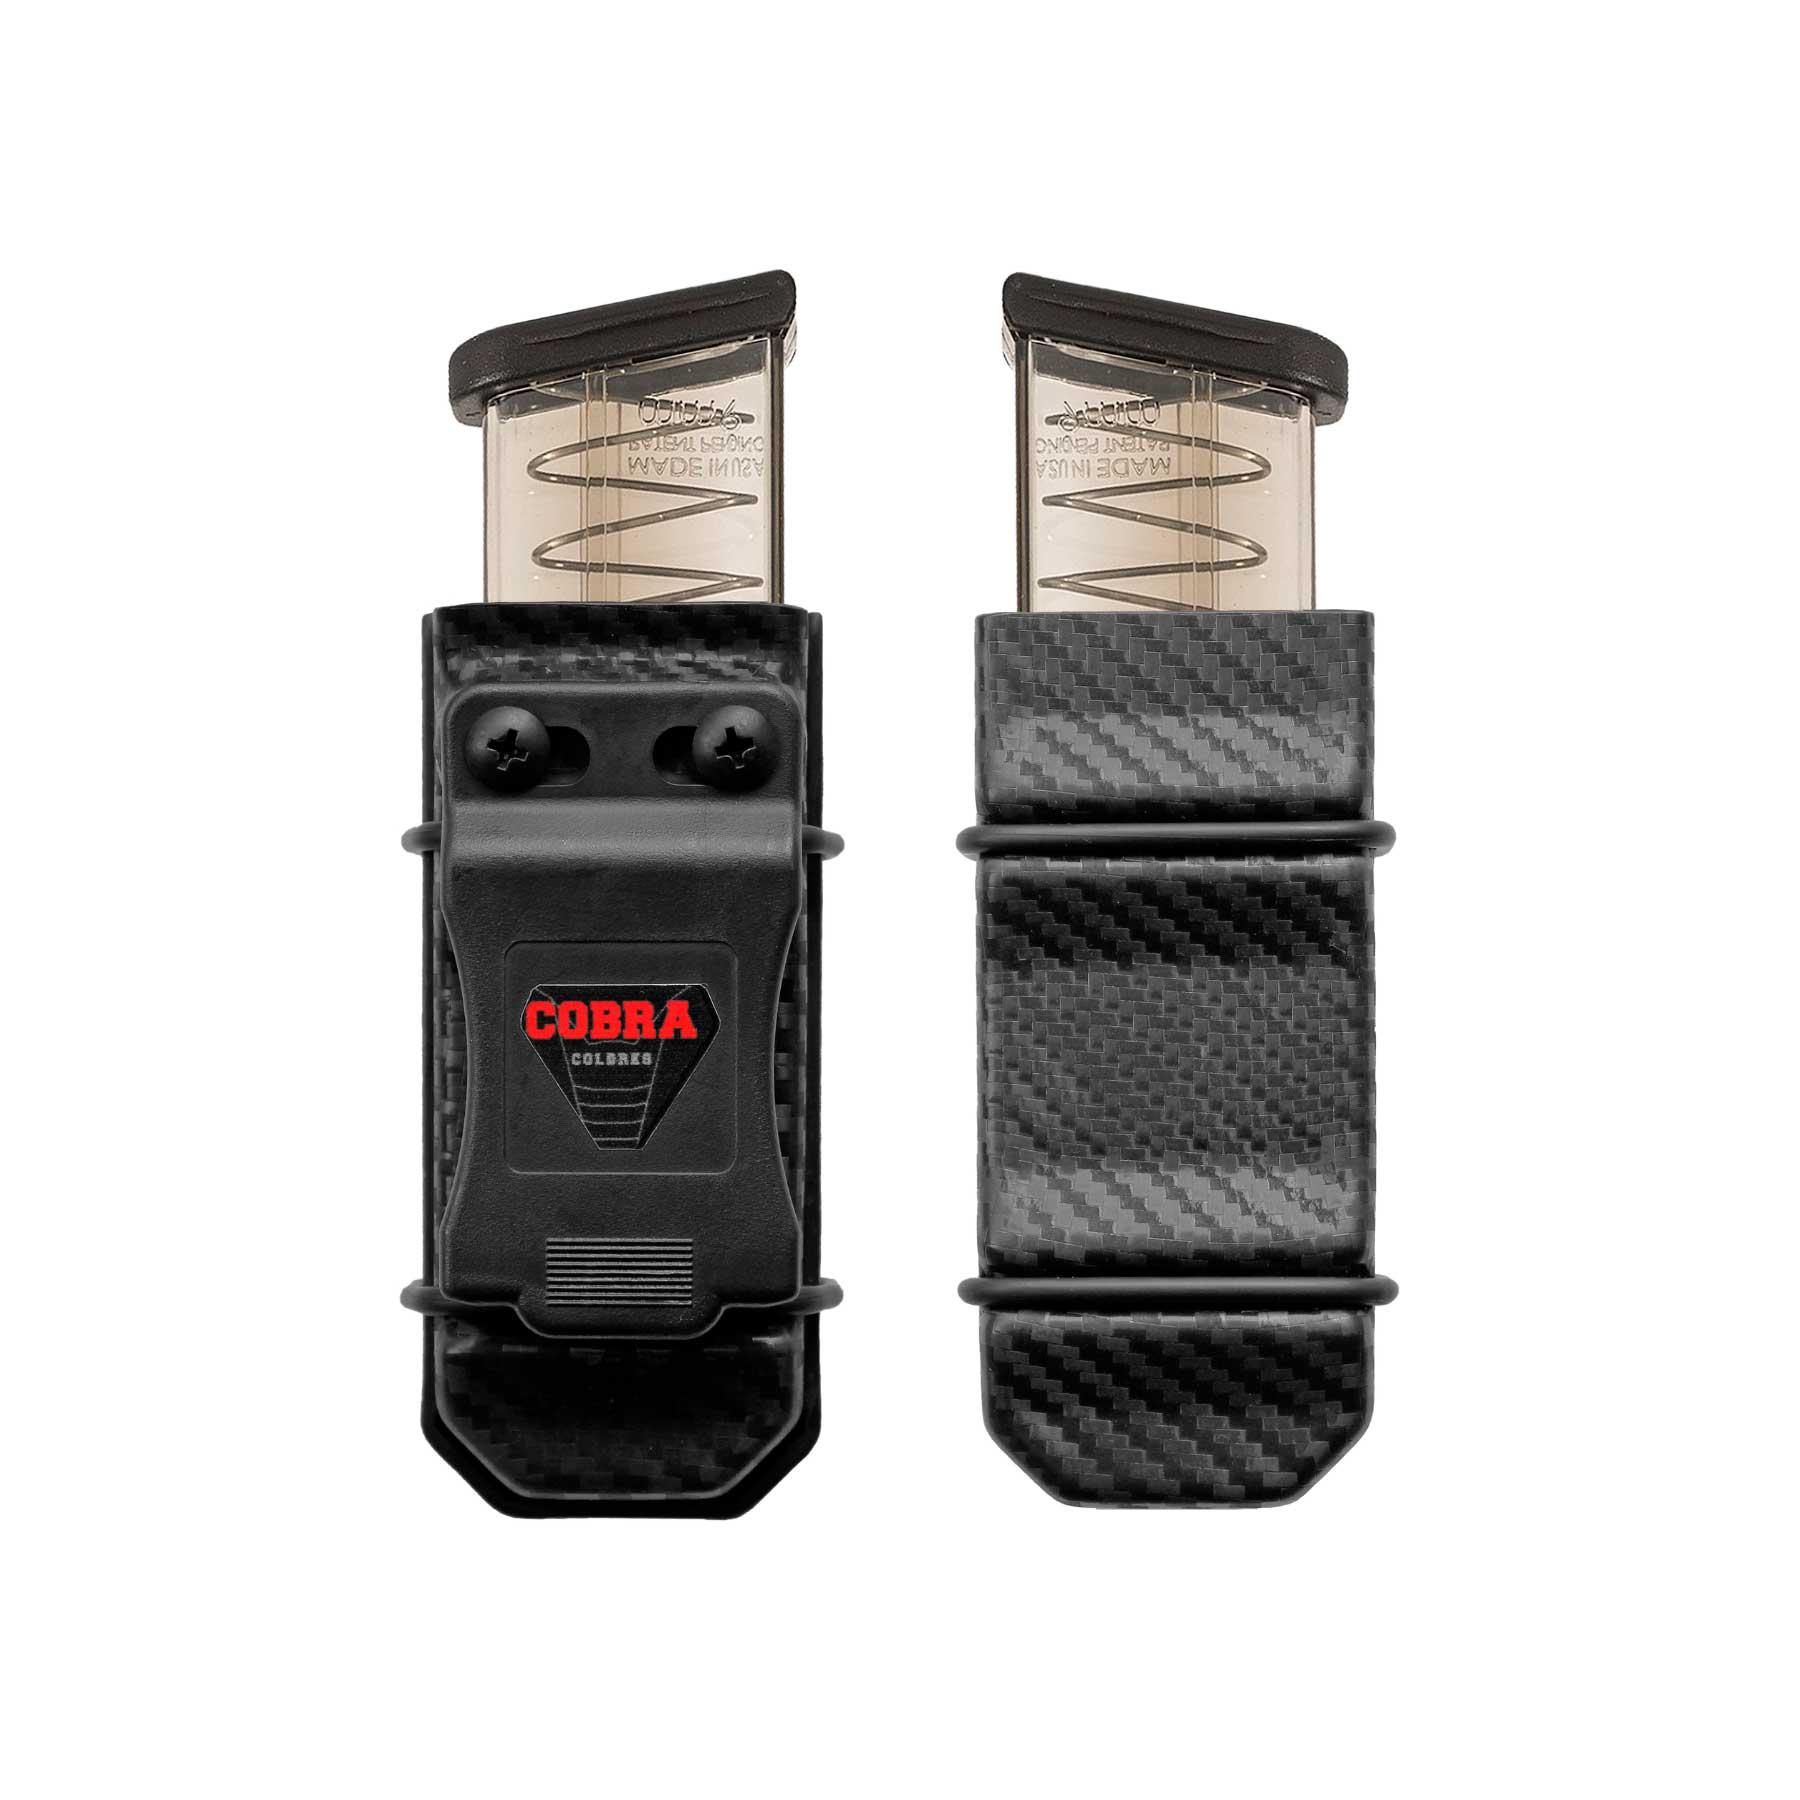 Porta-Carregador Universal Híbrido - Uso Velado e ostensivo - Kydex Cobra - Carbono